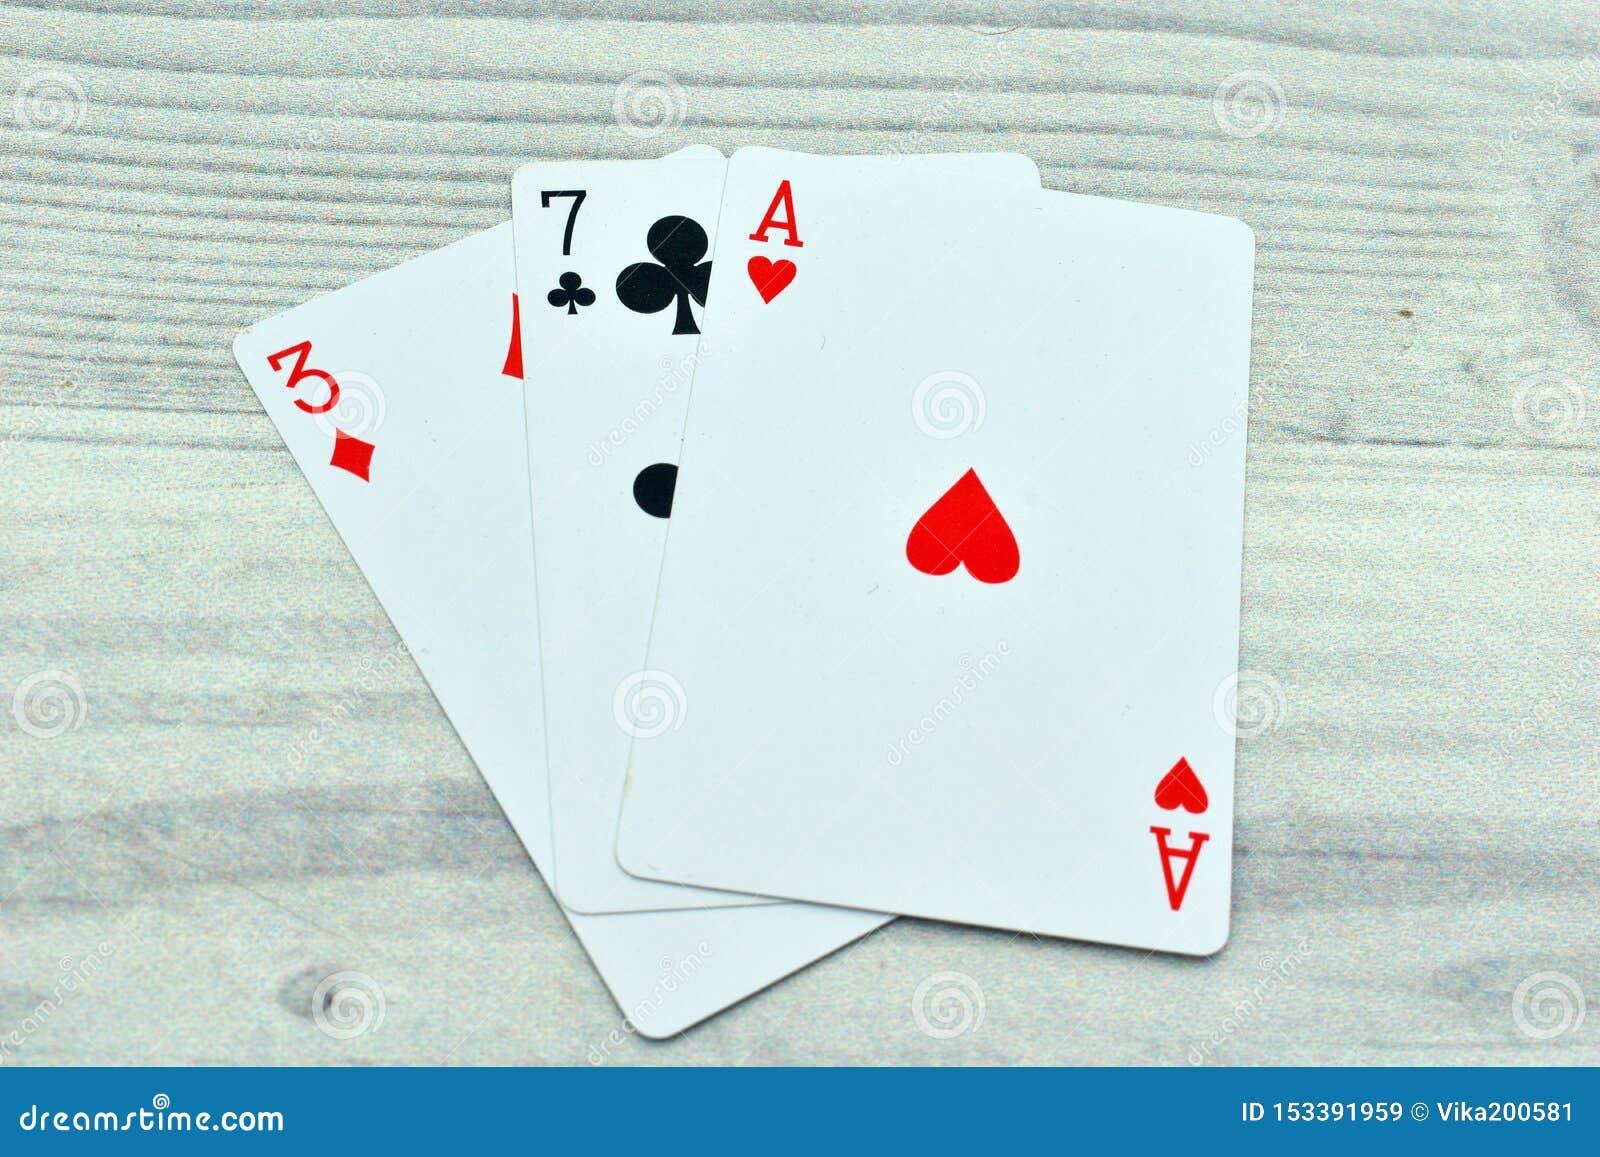 T играть с картами покер техасский холдем онлайн играть бесплатно